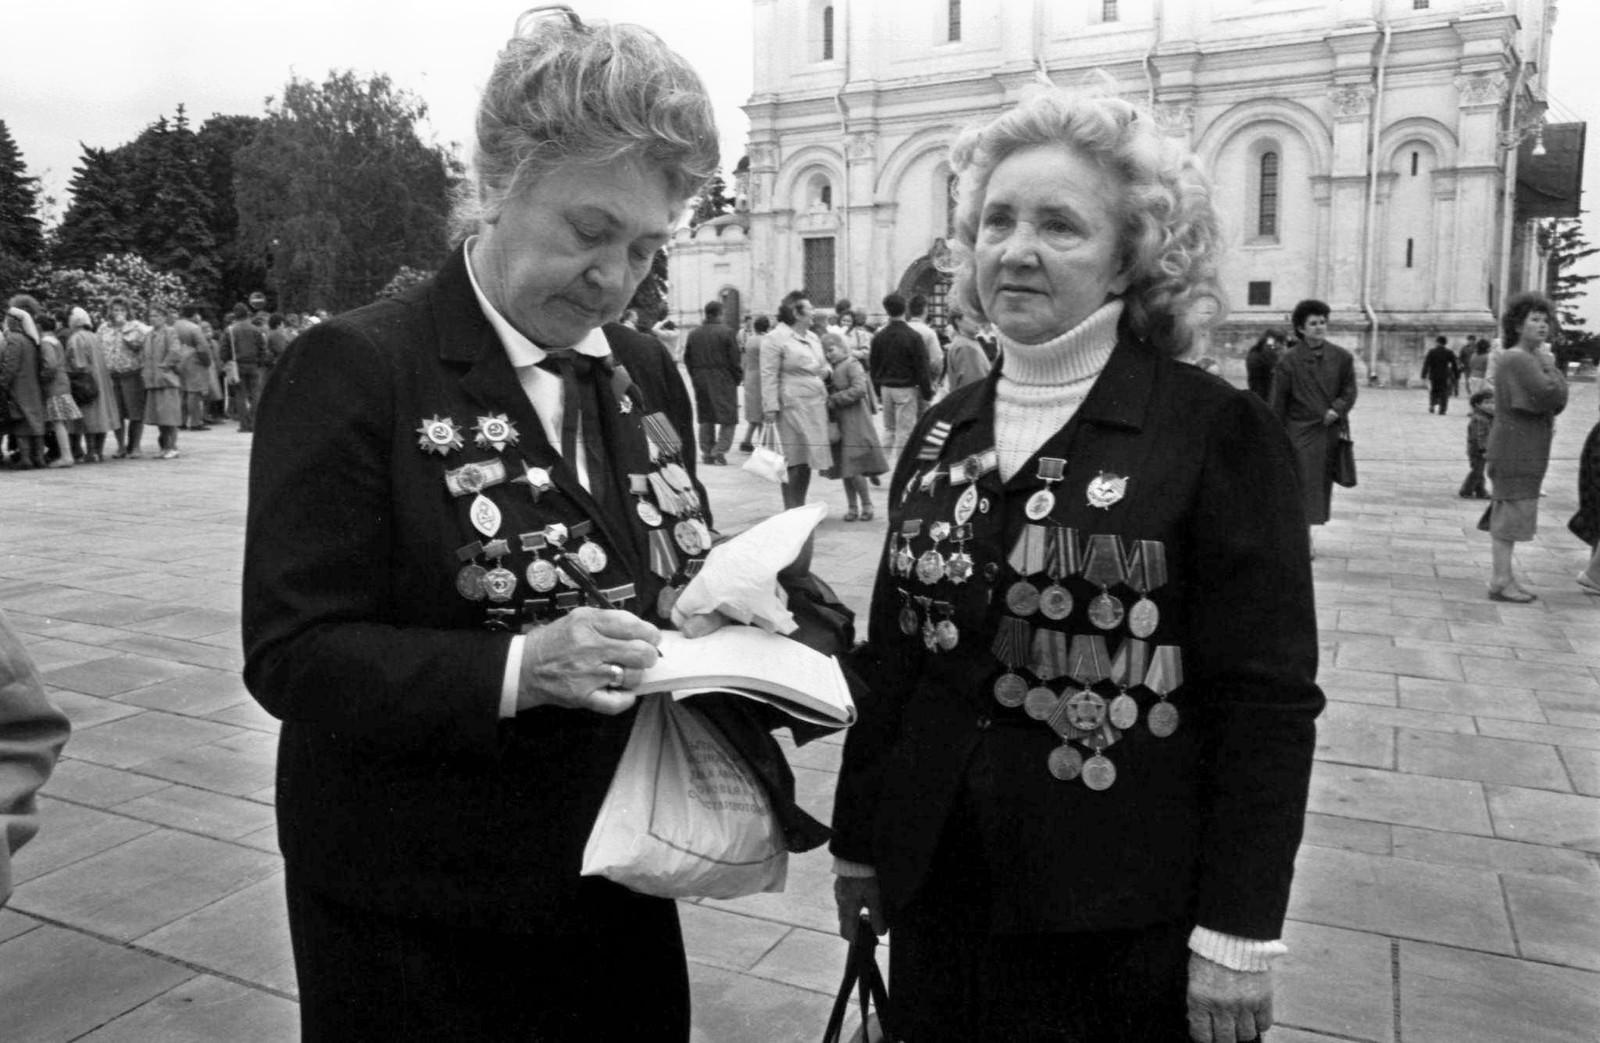 1989. Женщины-ветераны на Соборной площади Кремля. 9 мая